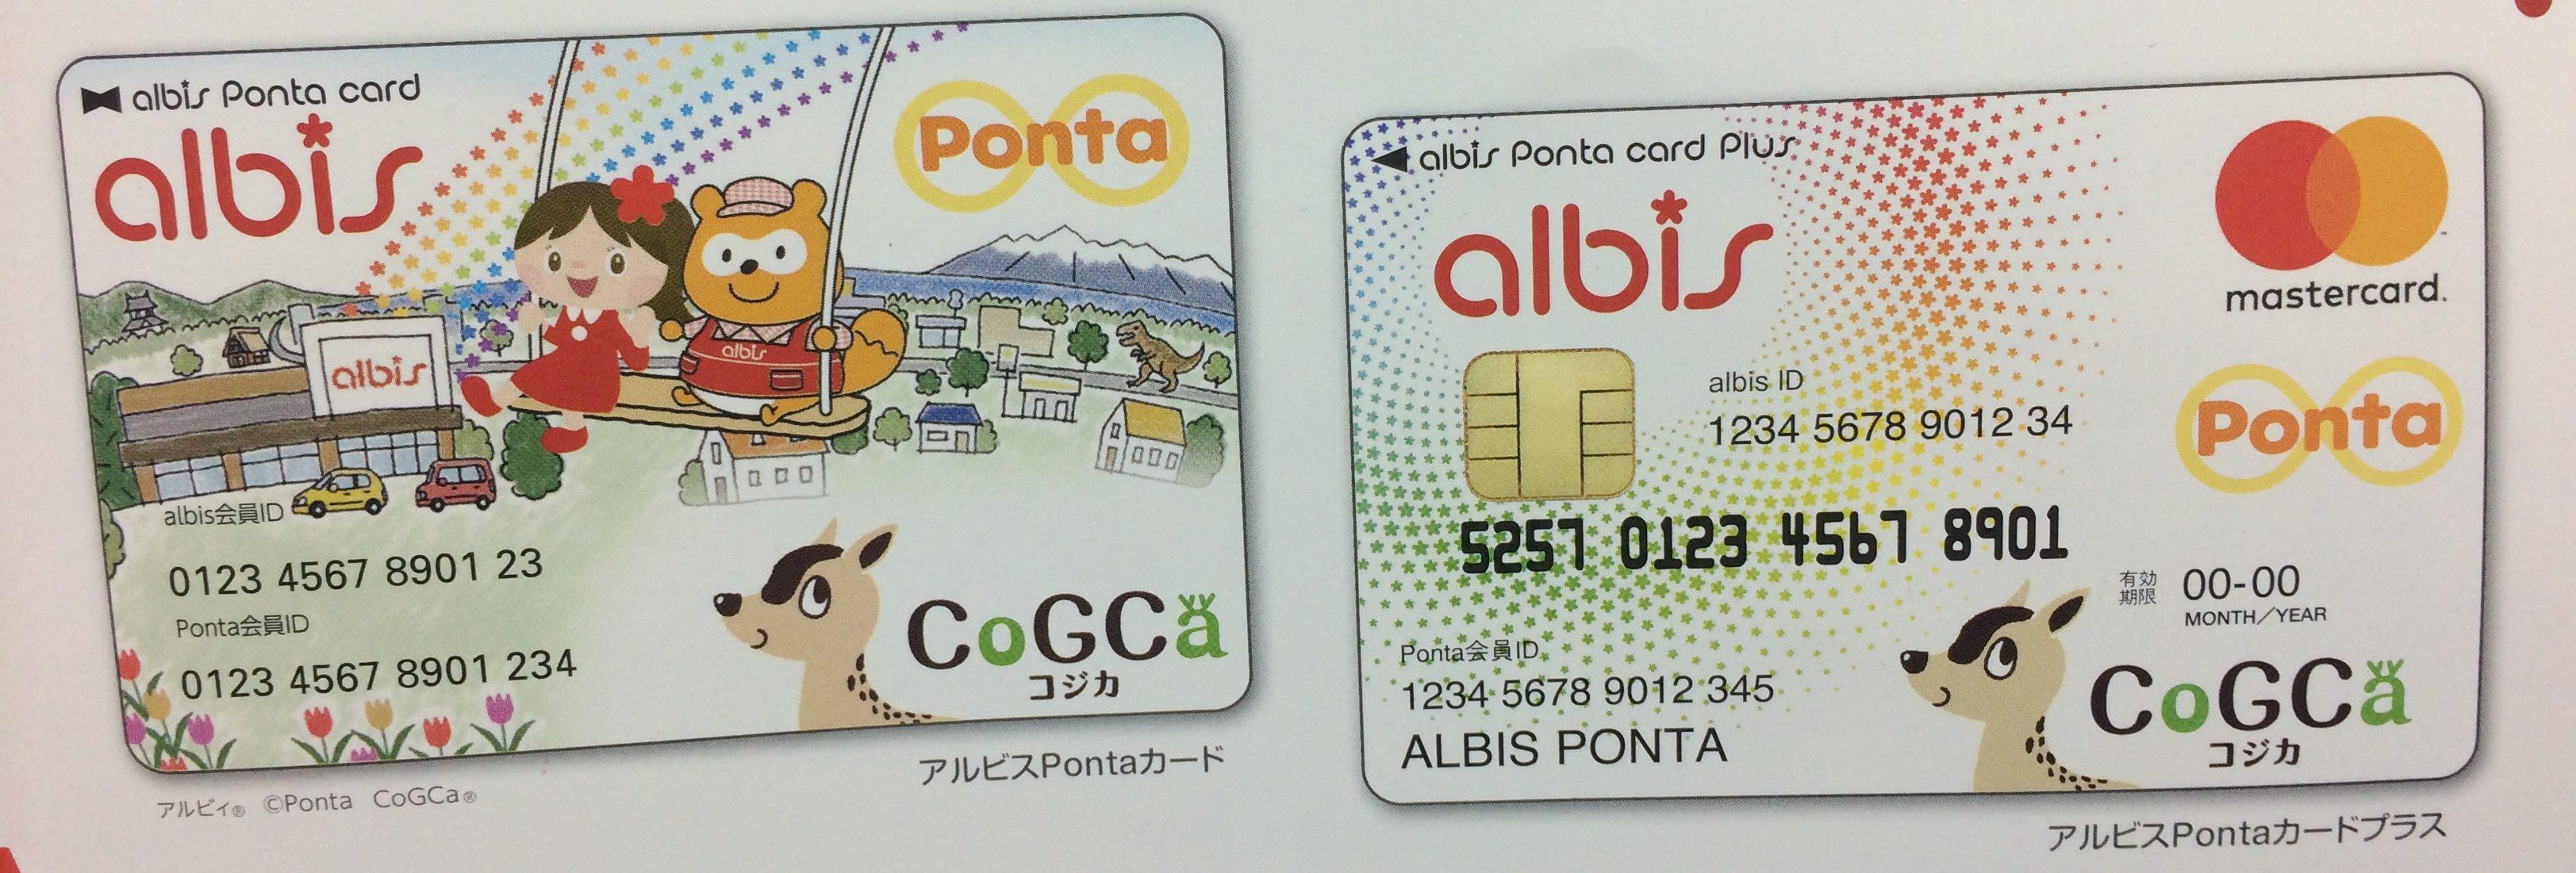 アルビスがPonta・CoGCaを導入!どう使えばお得でポイント高還元率か比較してみた